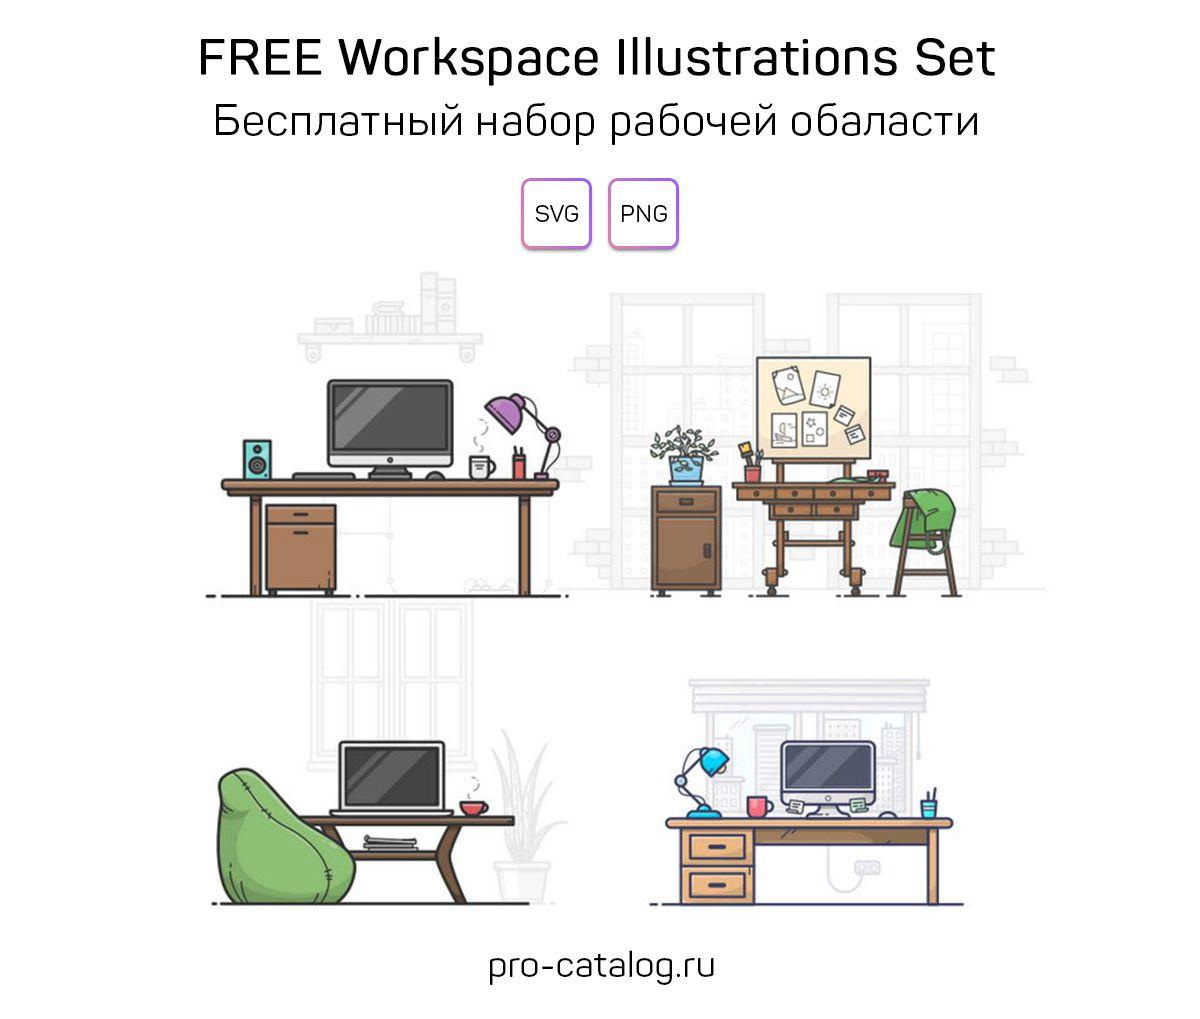 FREE Workspace Illustrations Set | Бесплатный набор иллюстраций рабочей области